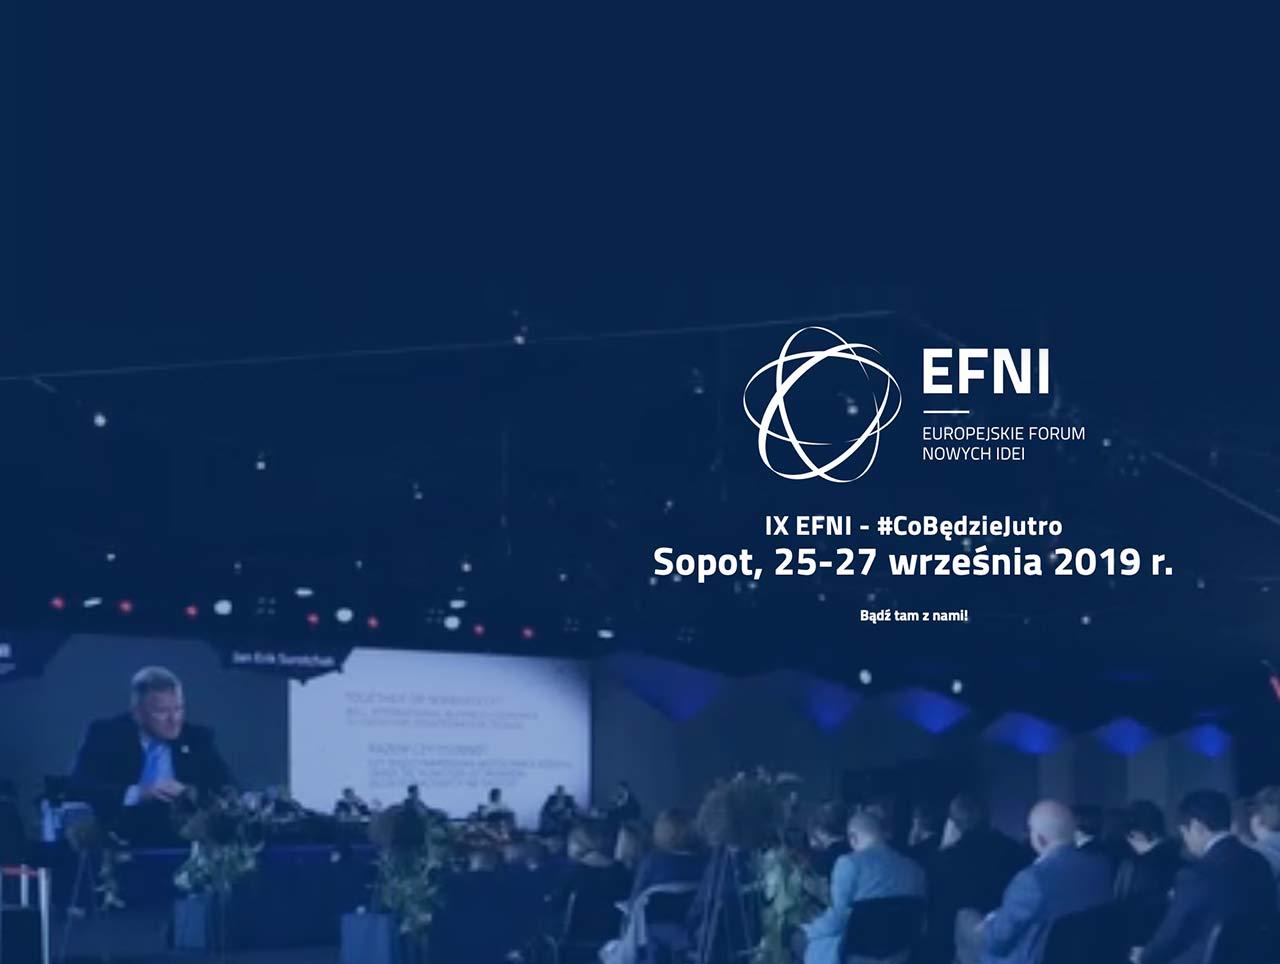 """Europejskie Forum Nowych Idei """"Co będzie jutro? Jaka demokracja, jaki rynek, jaka Europa?"""